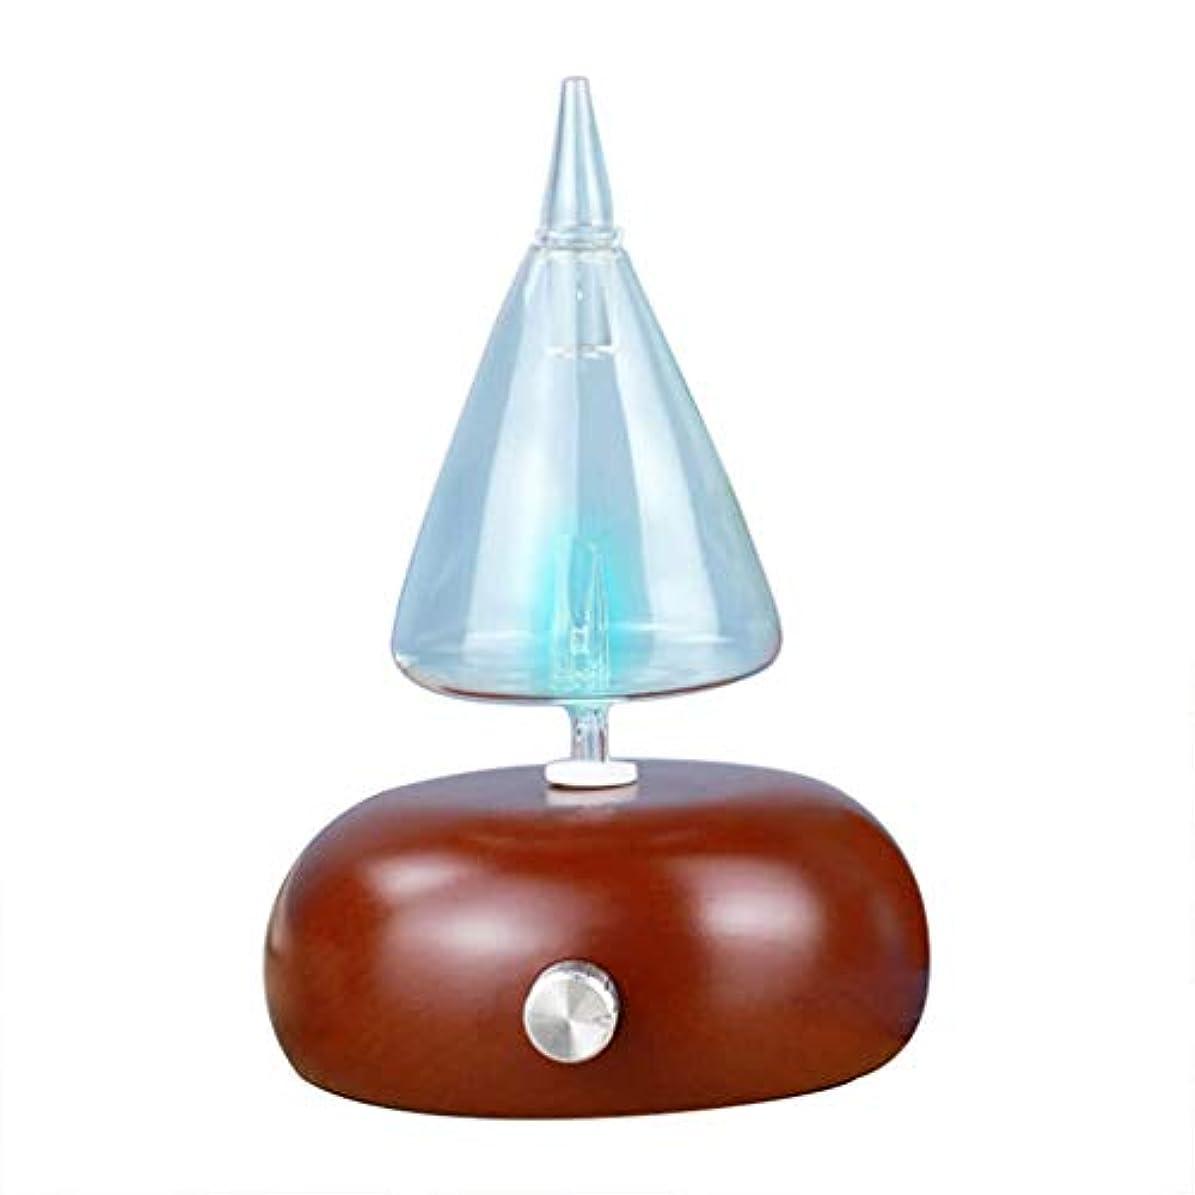 靴下扱うパフアロマテラピーマシン、ガラスエッセンシャルオイルディフューザー、超音波加湿器、ウッドグレインアロマテラピーディフューザーマシン、LEDライトを変える7色